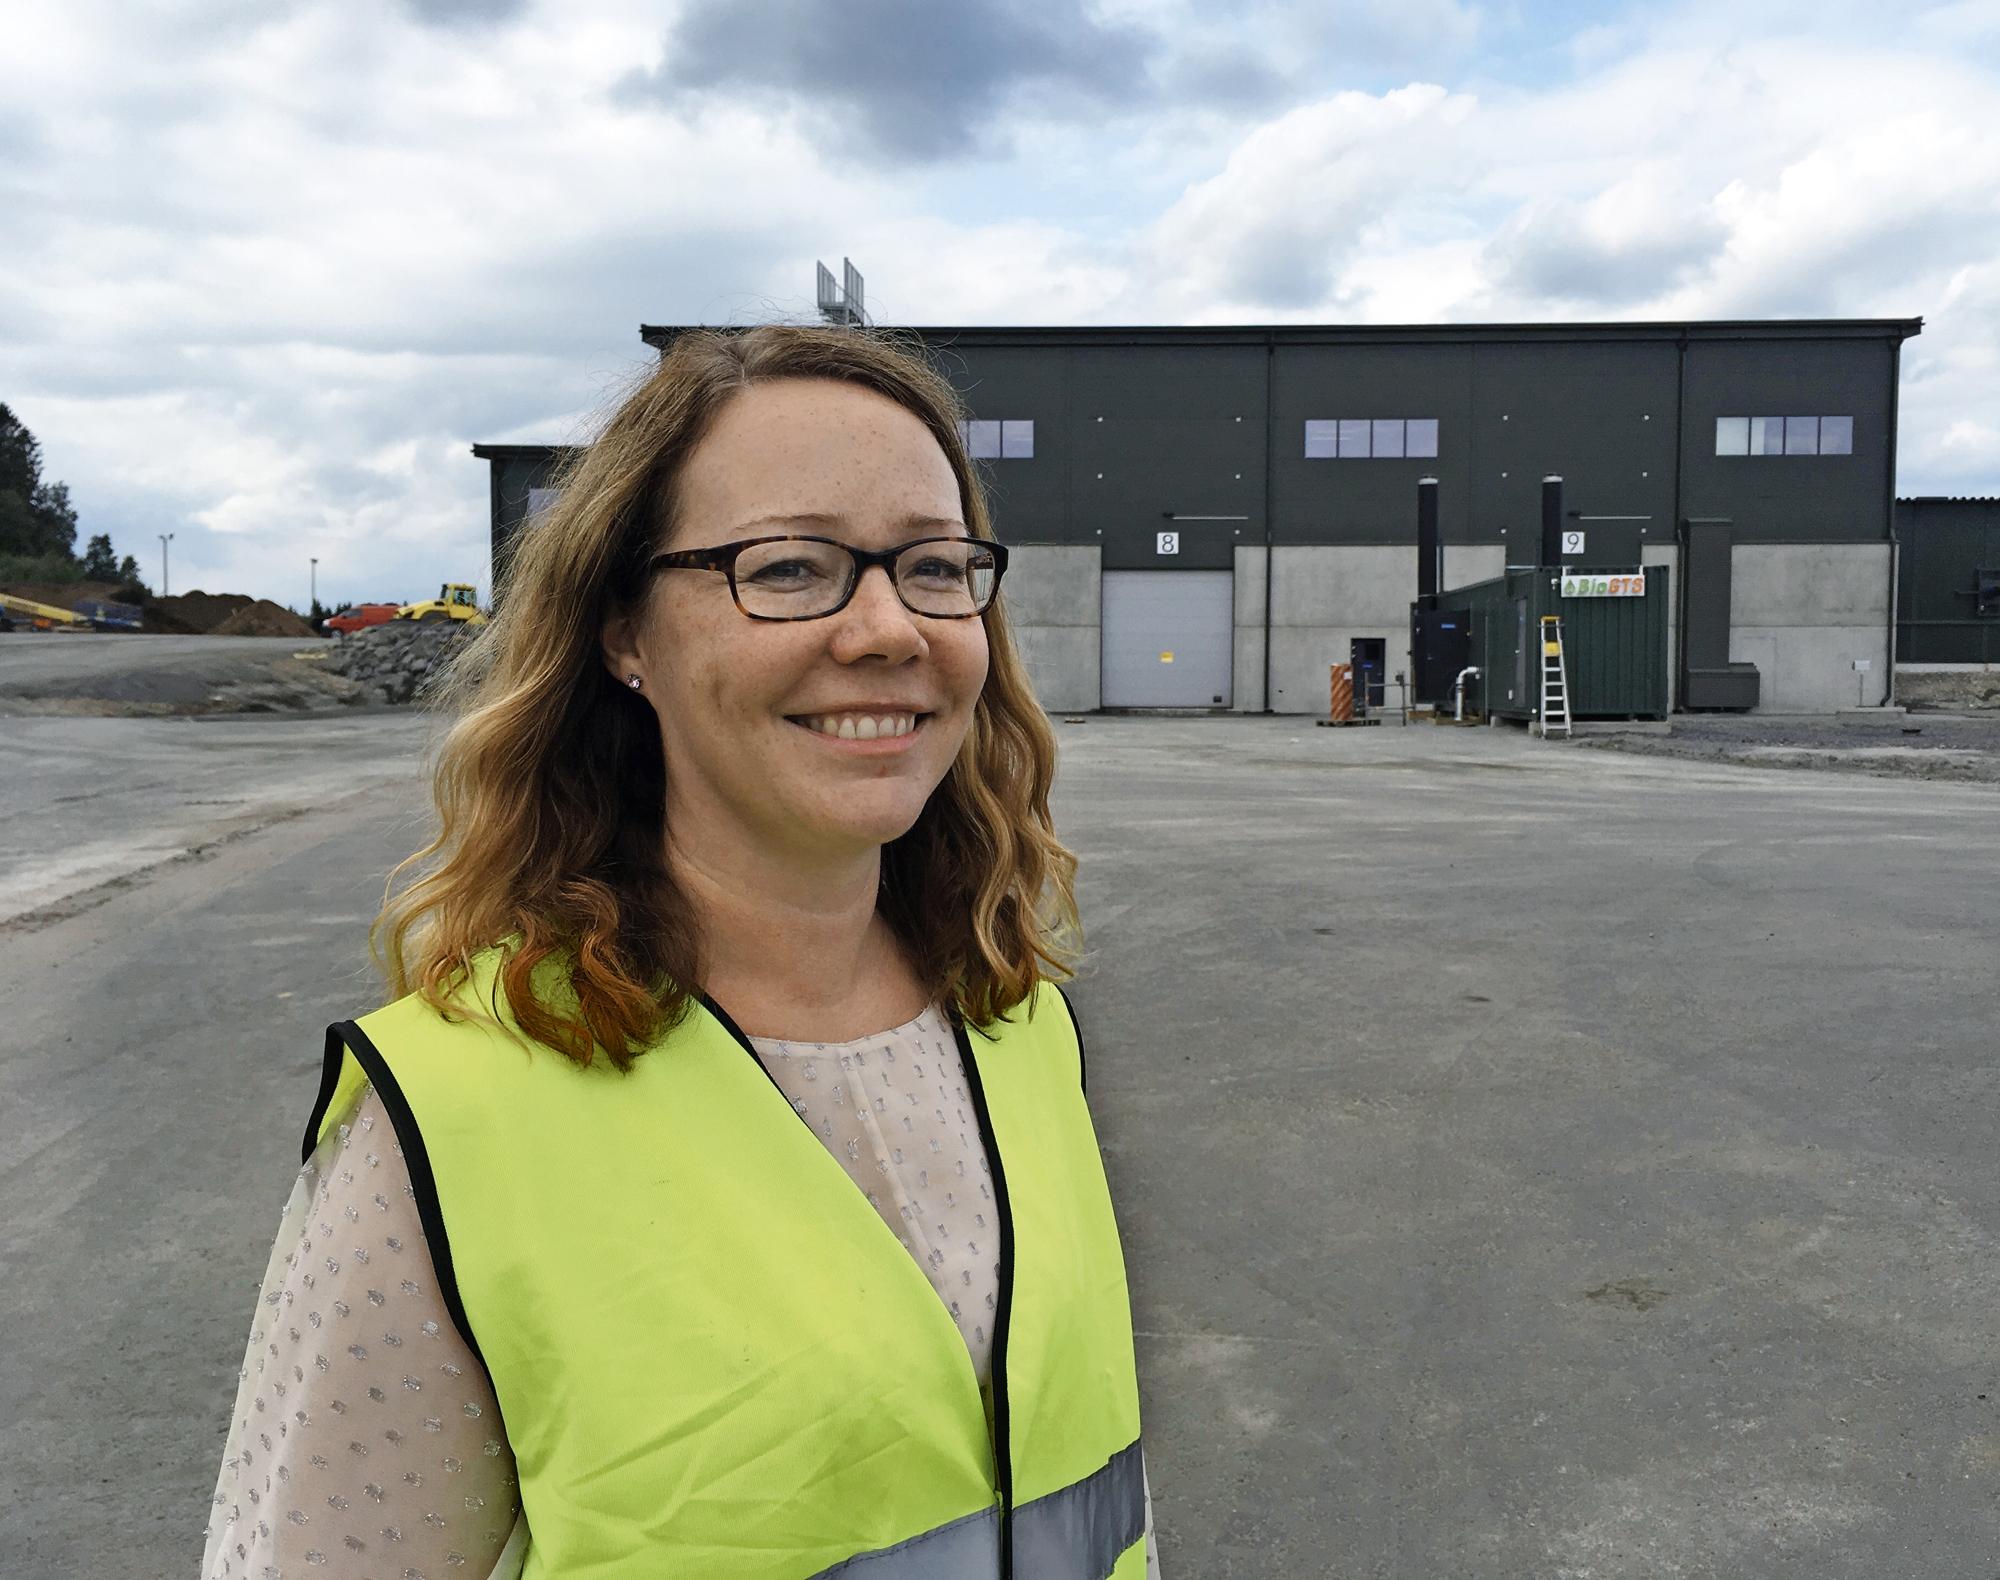 BioGTS:n biokaasulaitos tuottaa nyt biokaasua keskisuomalaisille autoilijoille, iloitsi Annimari Lehtomäk